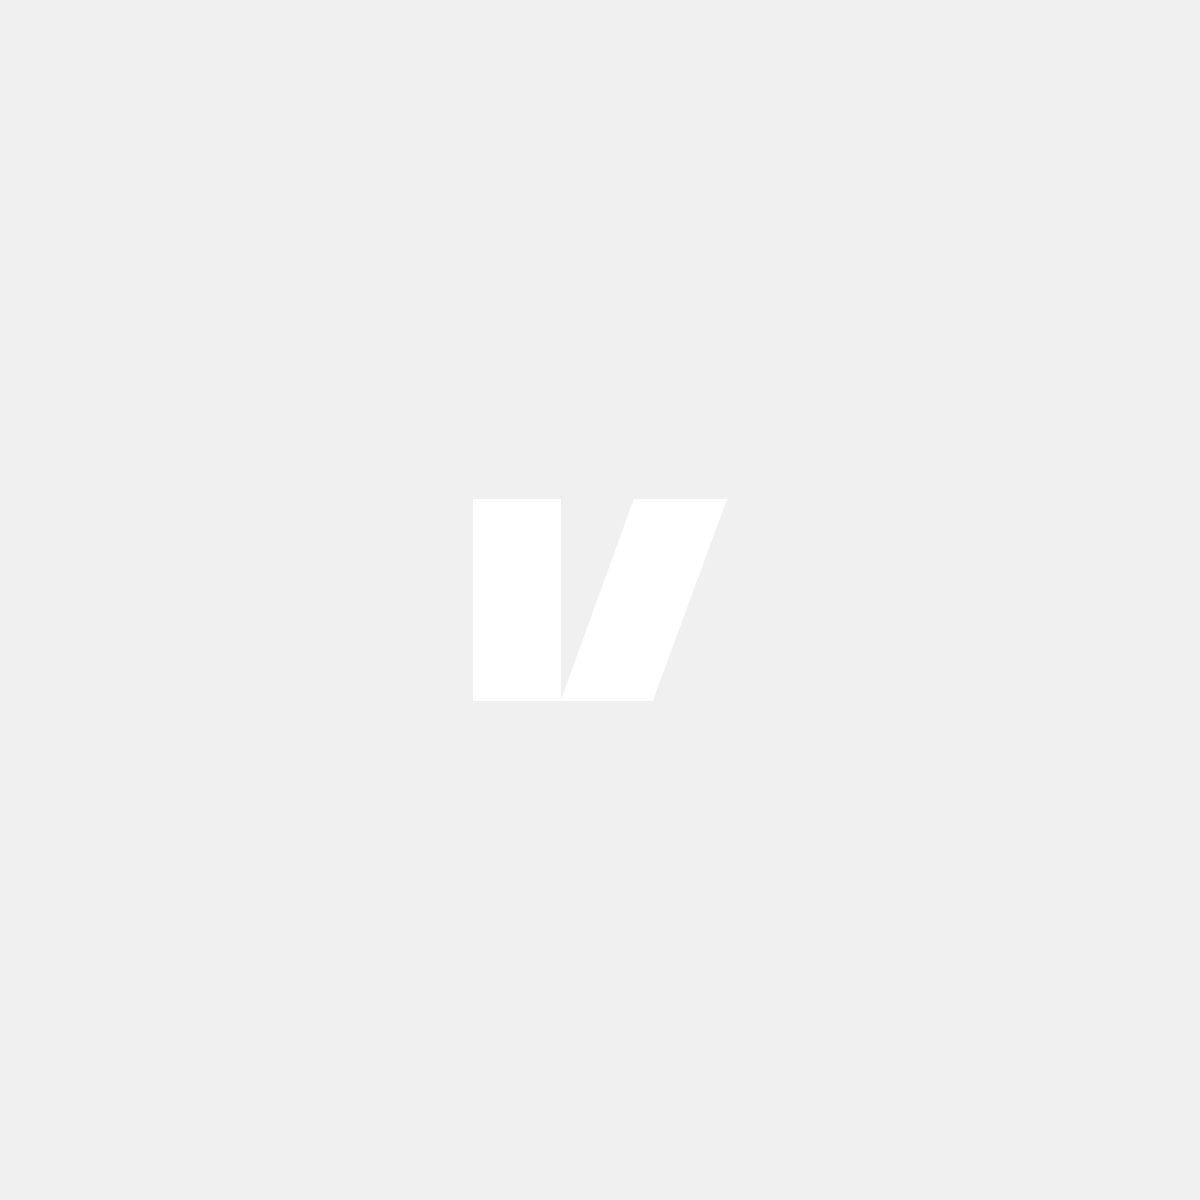 Kolfiberpaneler till fjäderinfästning, till Volvo S80 99-05